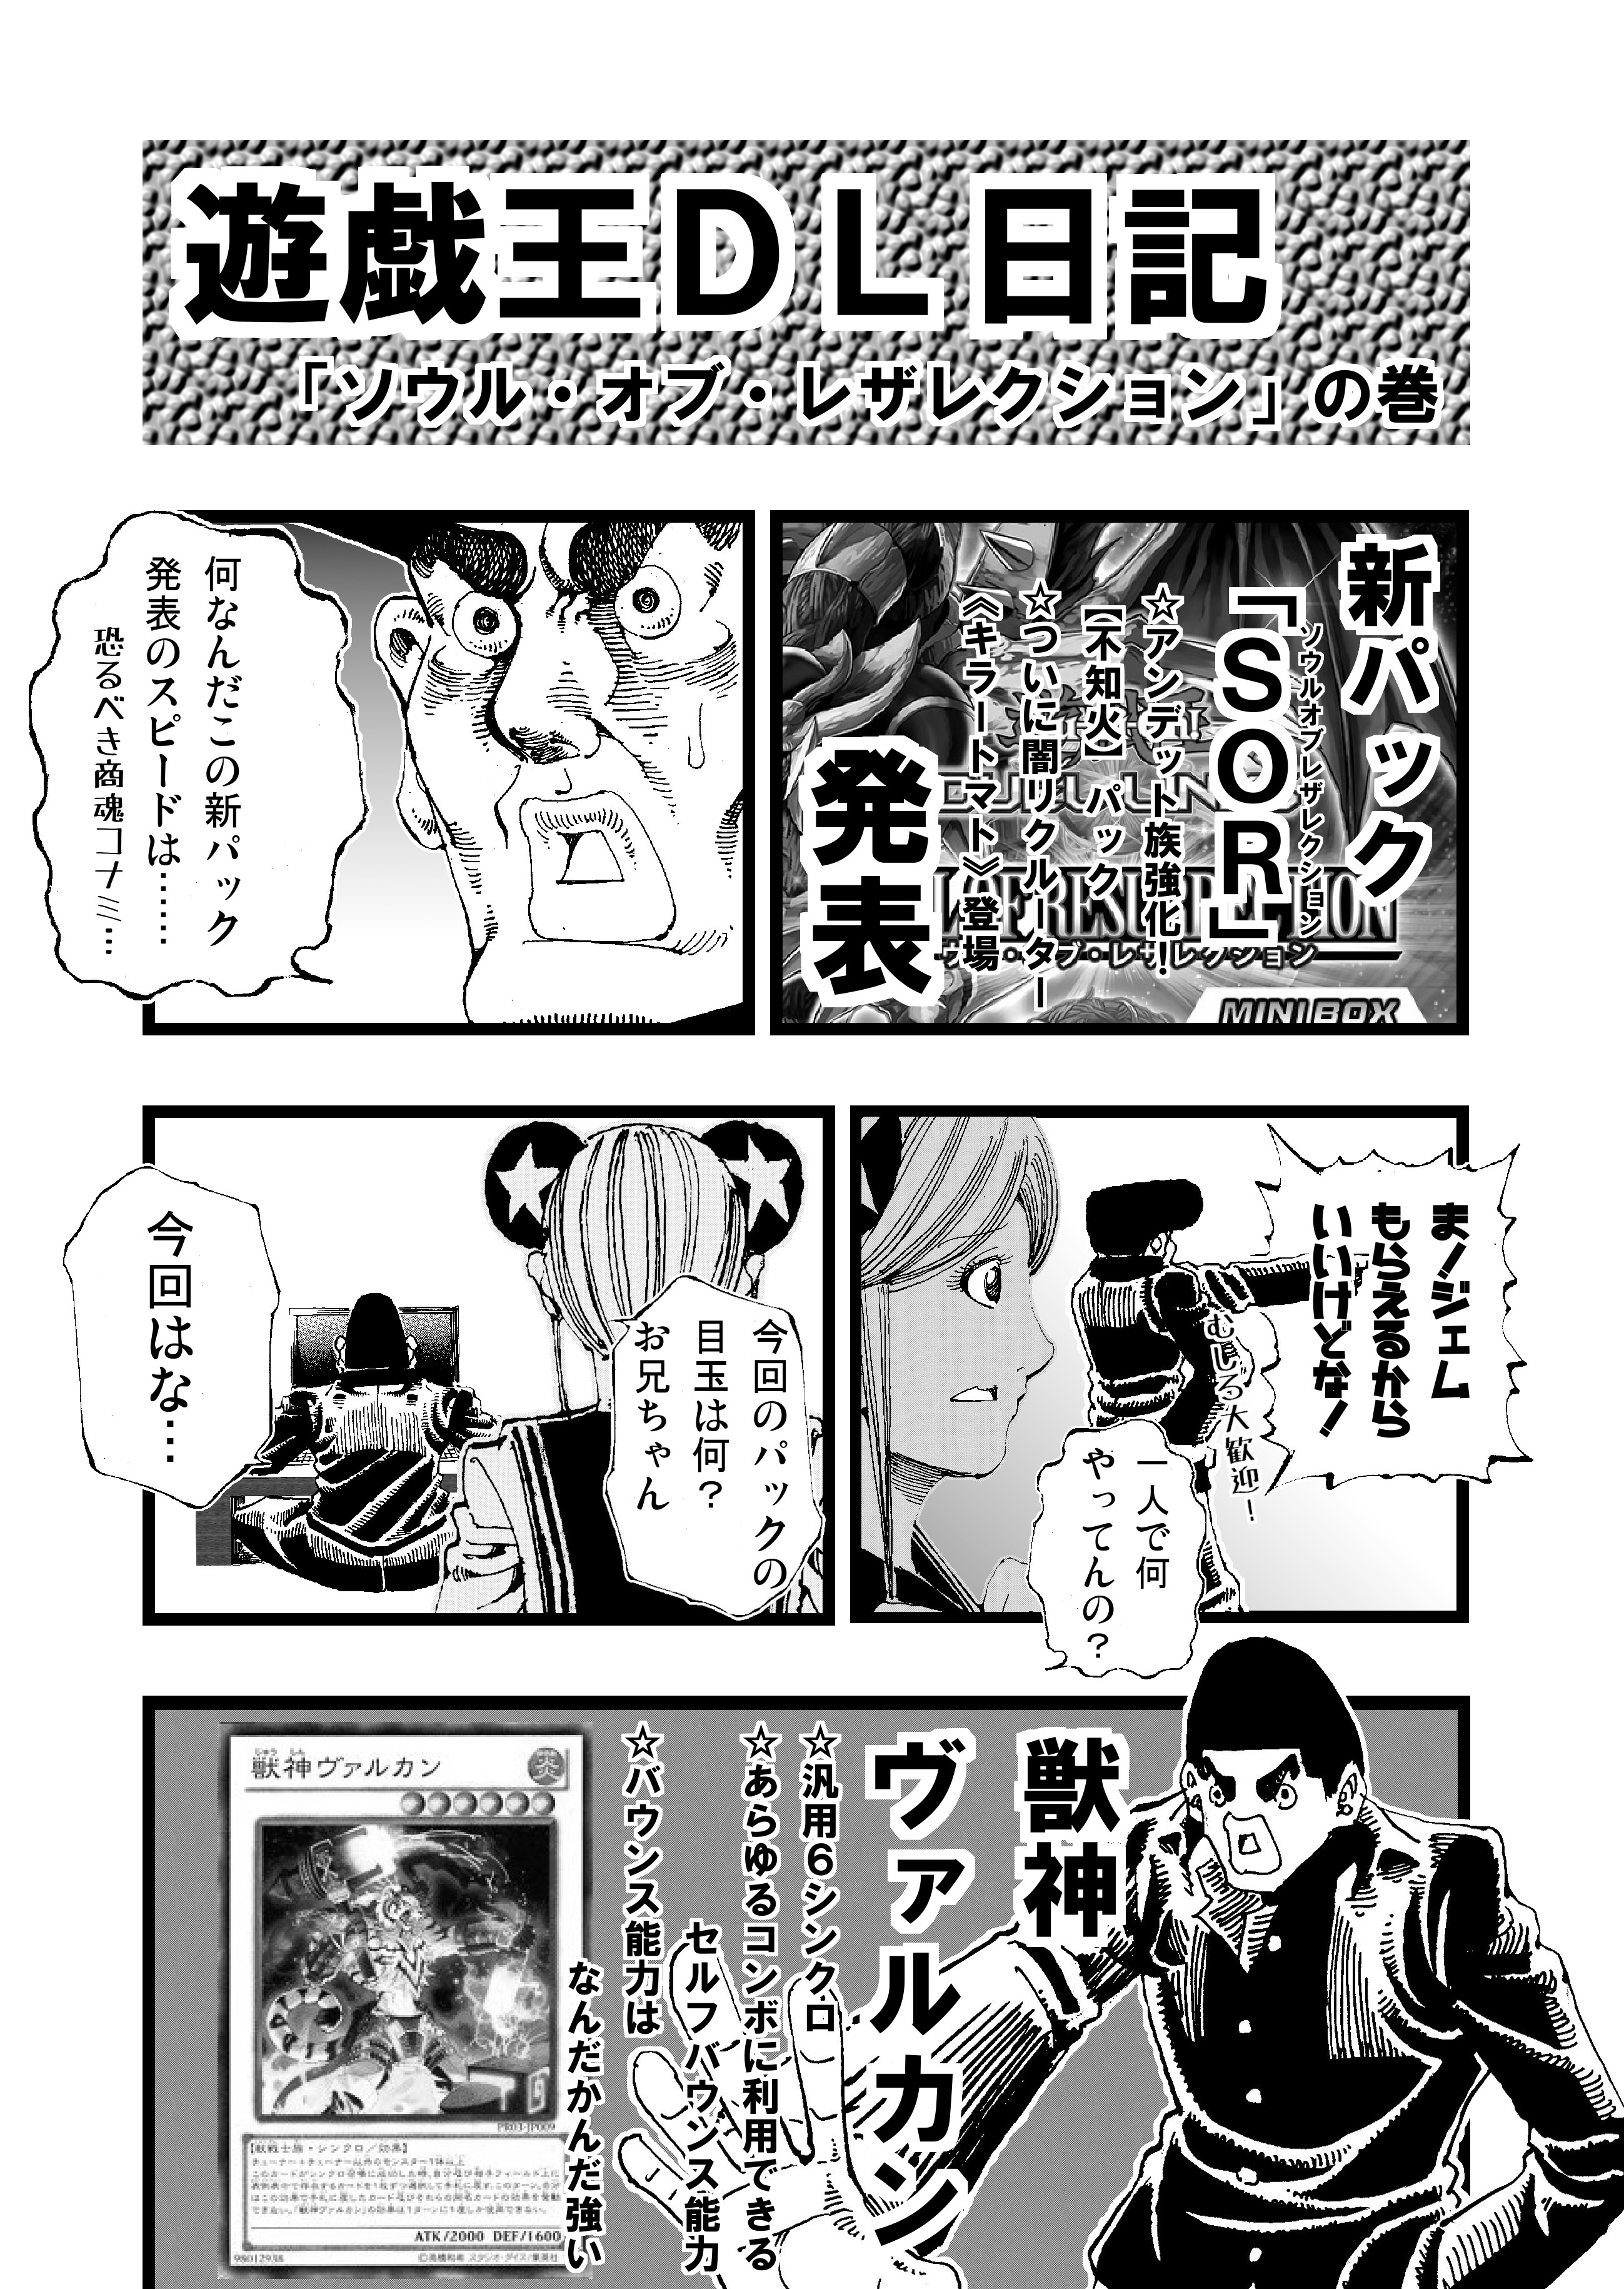 遊戯王デュエルリンクス日記41 ソウル・オブ・レザレクション